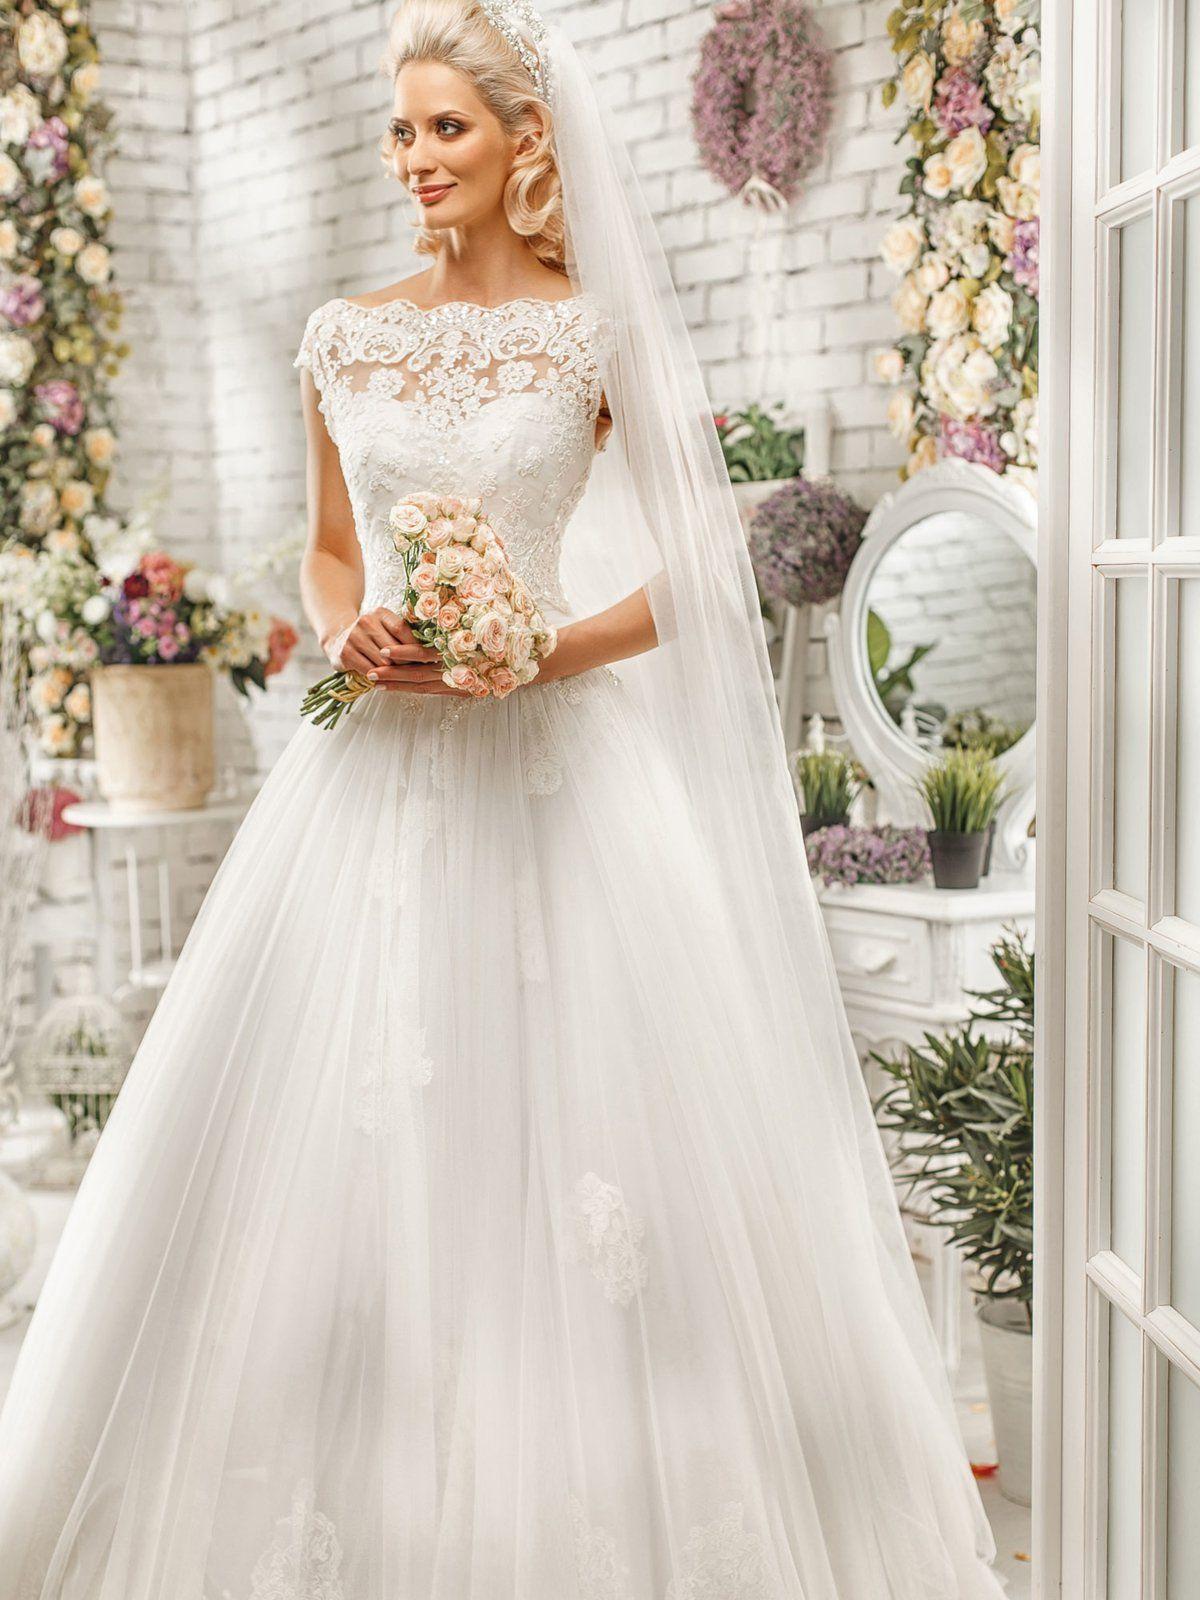 Hochzeitskleider Widder  Hochzeitskleid spitze, Kleid hochzeit